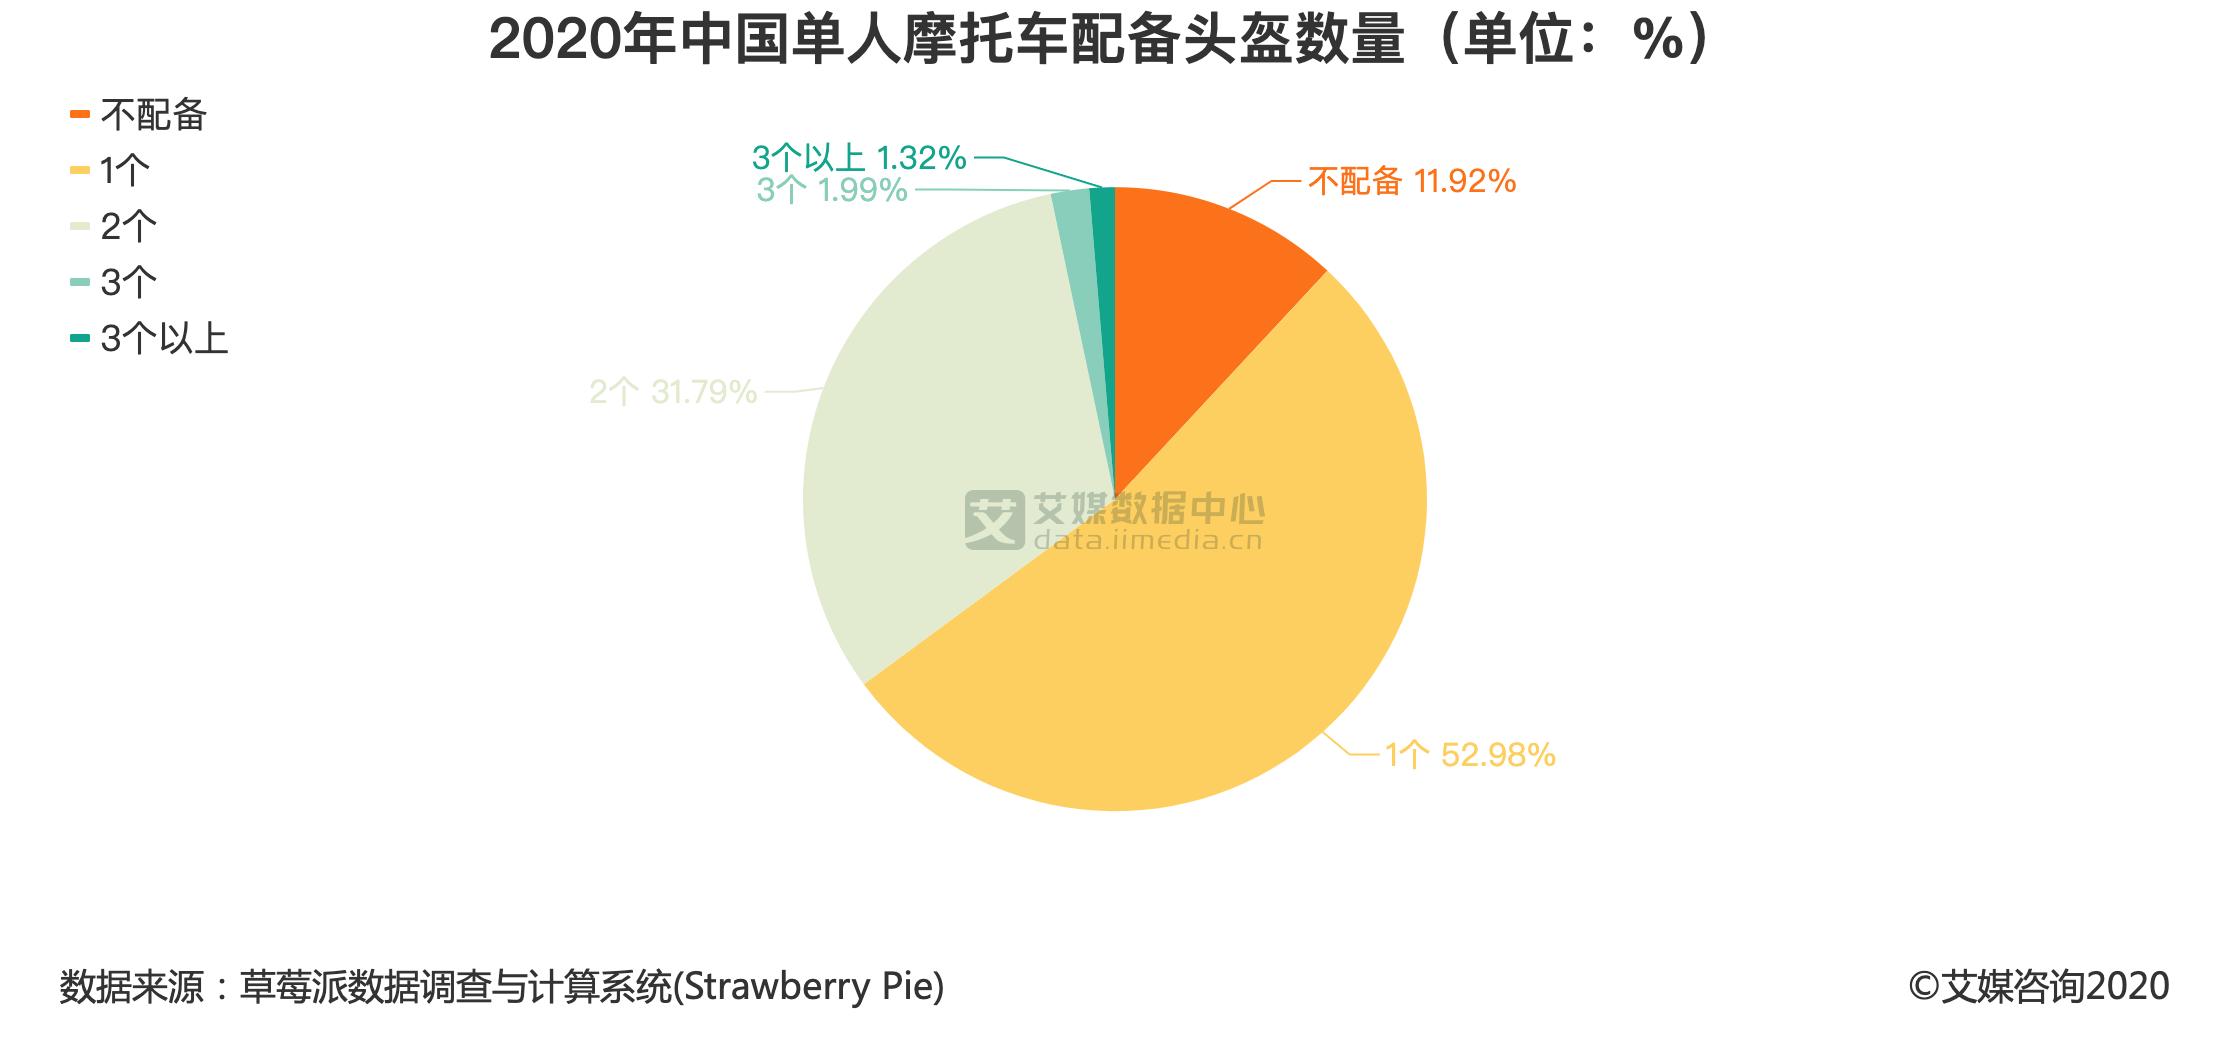 2020年中国单人摩托车配备头盔数量(单位:%)